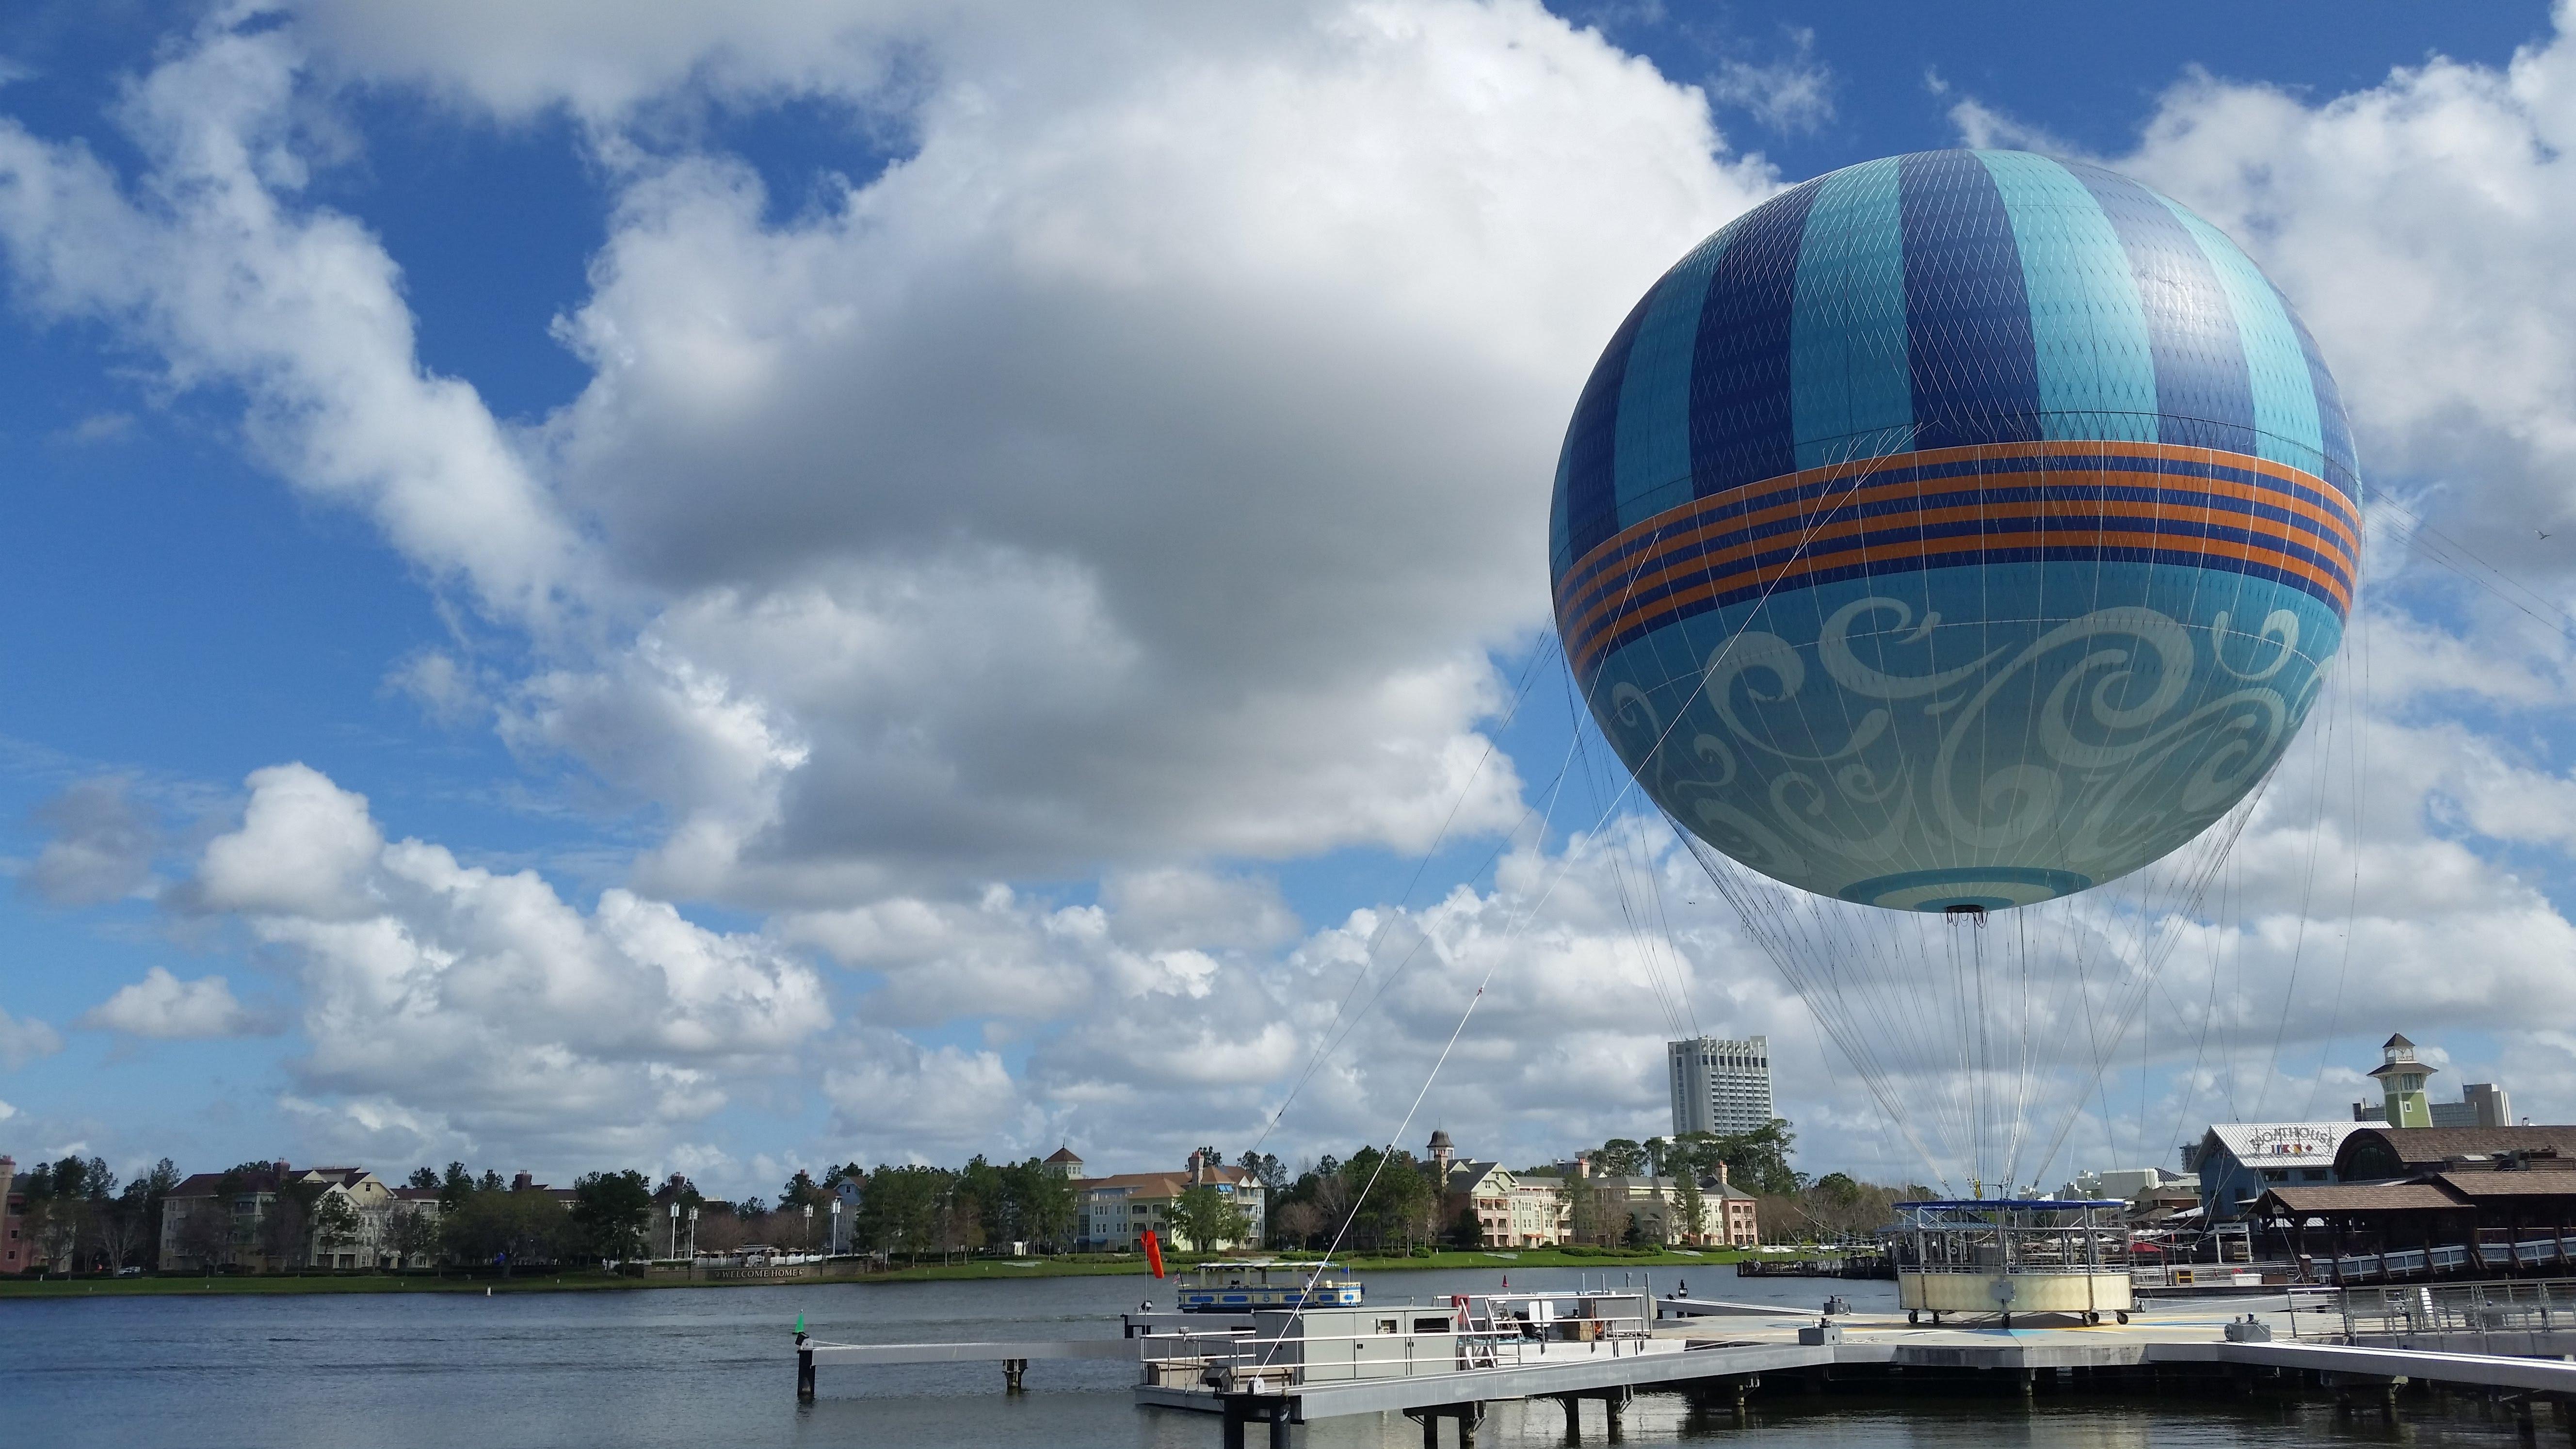 Downtown Disney, or is it Disney Springs?